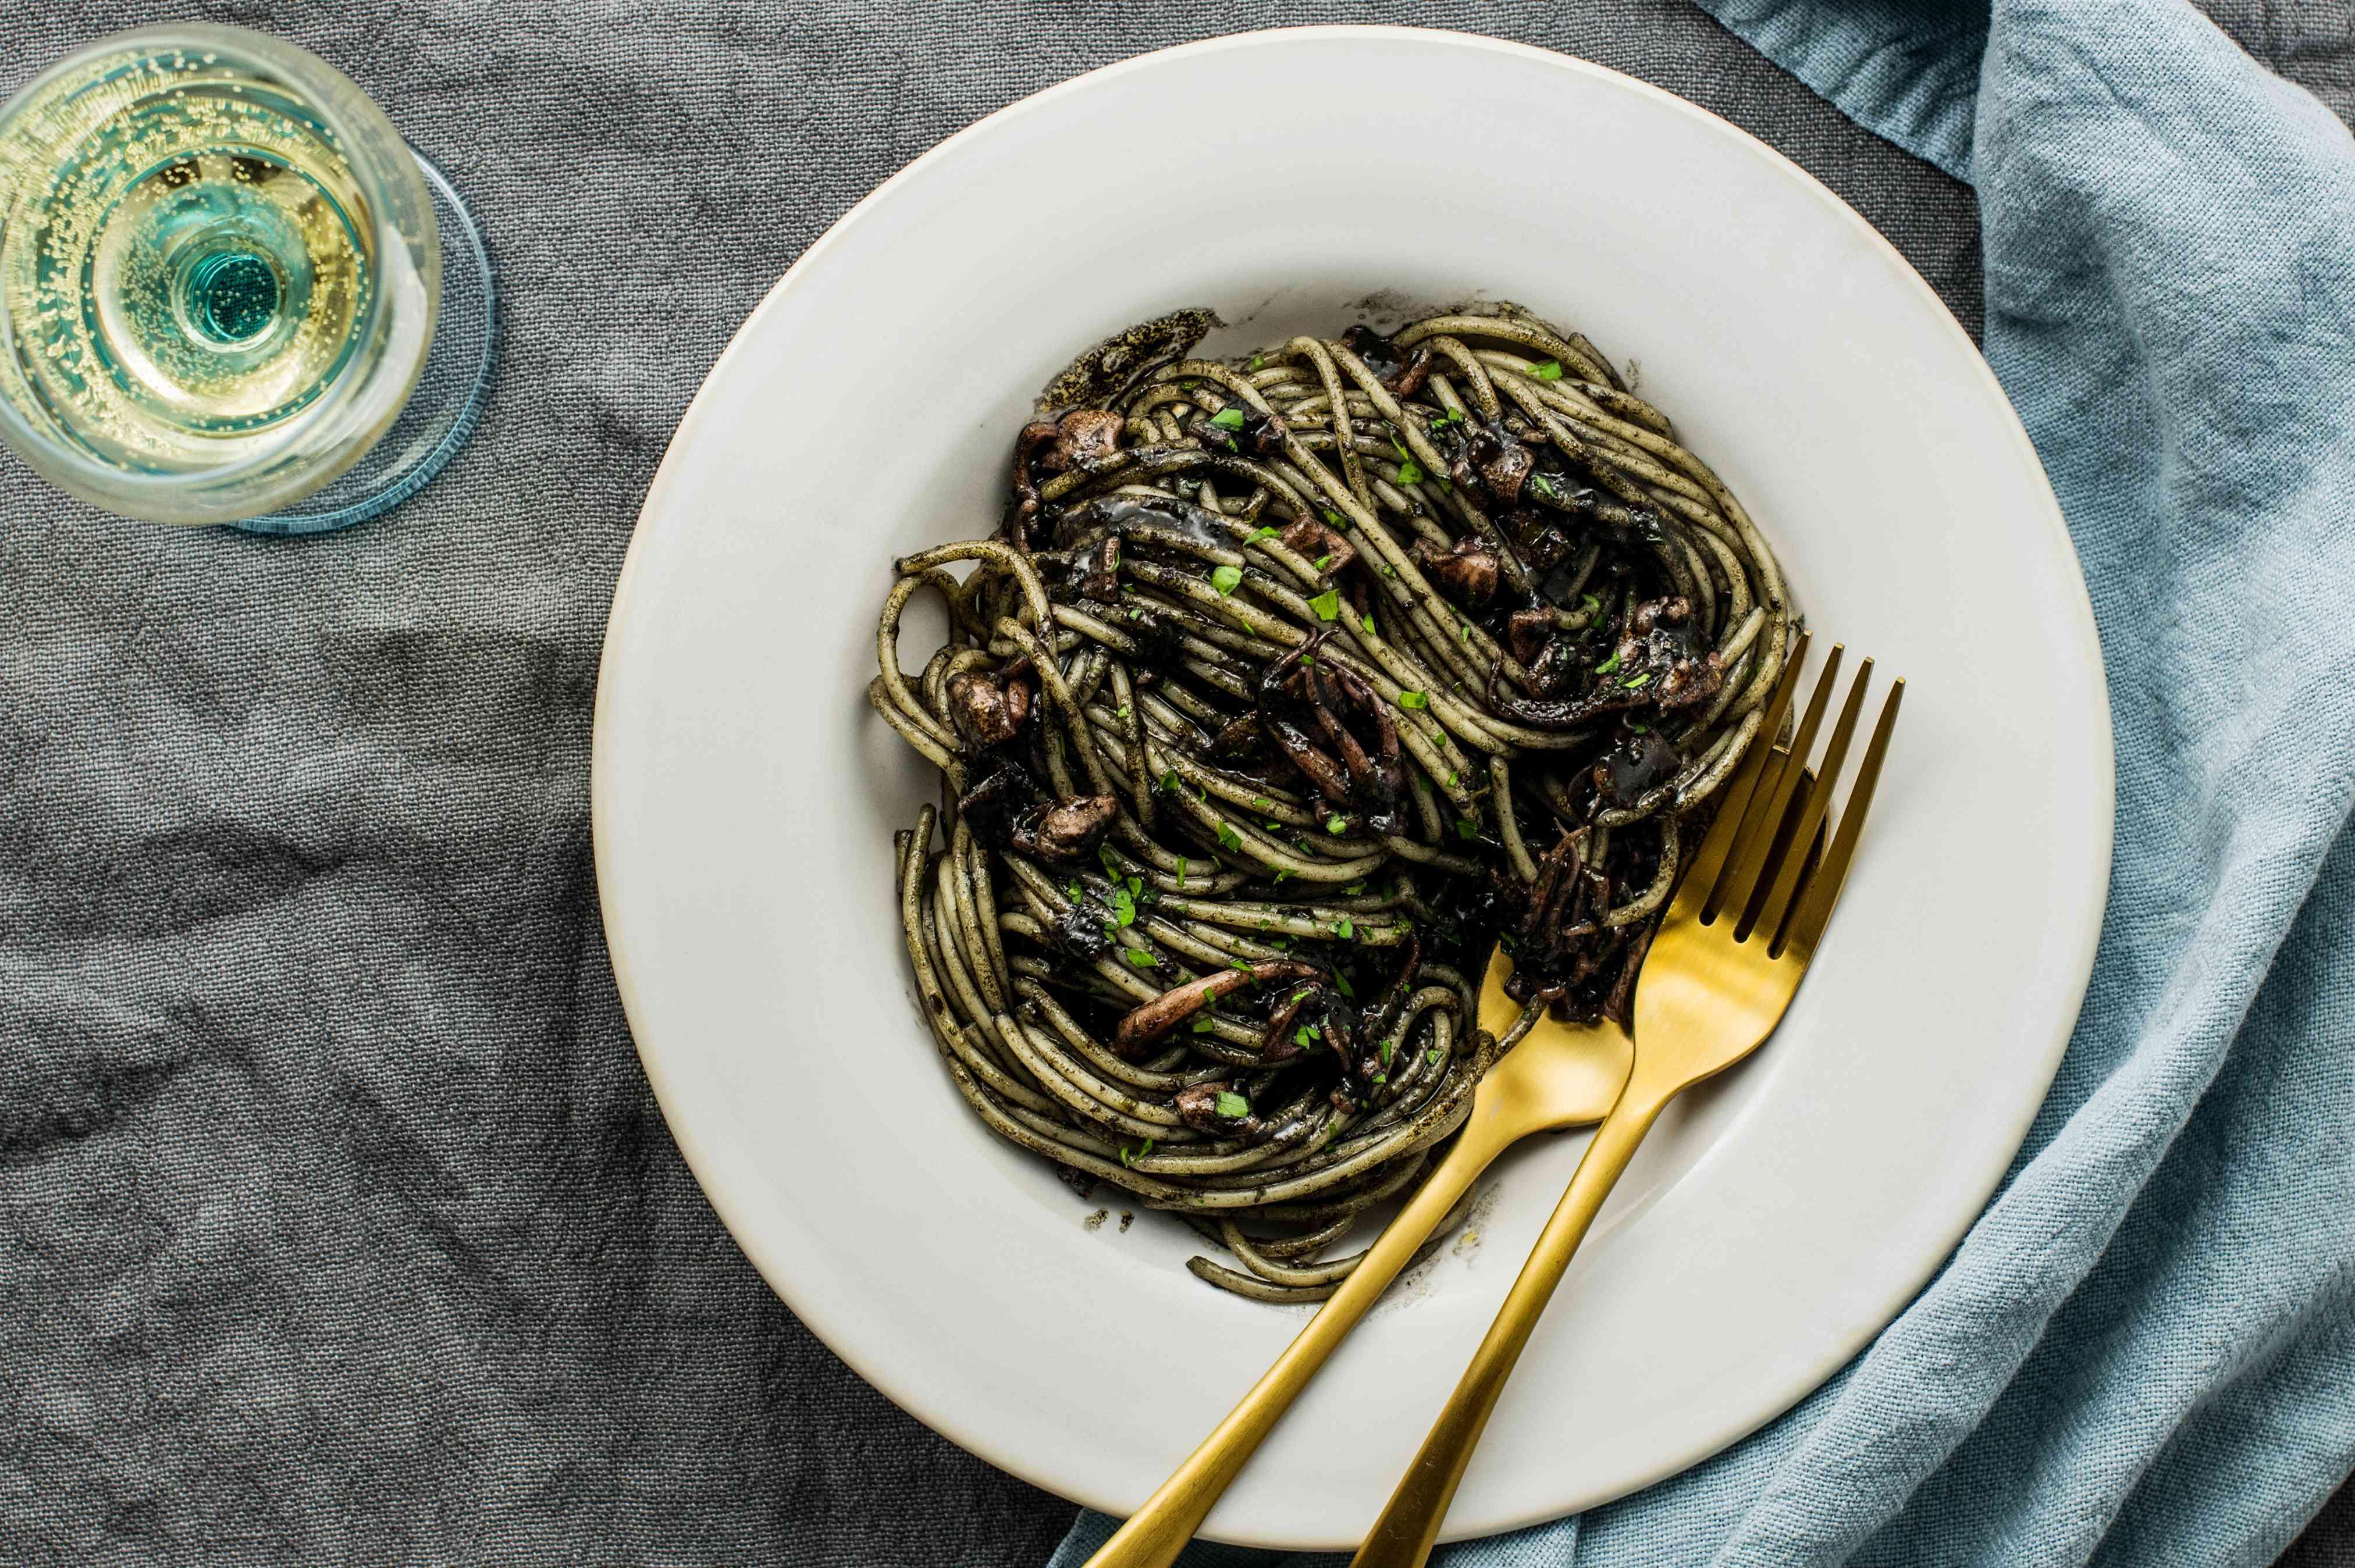 Spaghetti al nero di seppia recipe